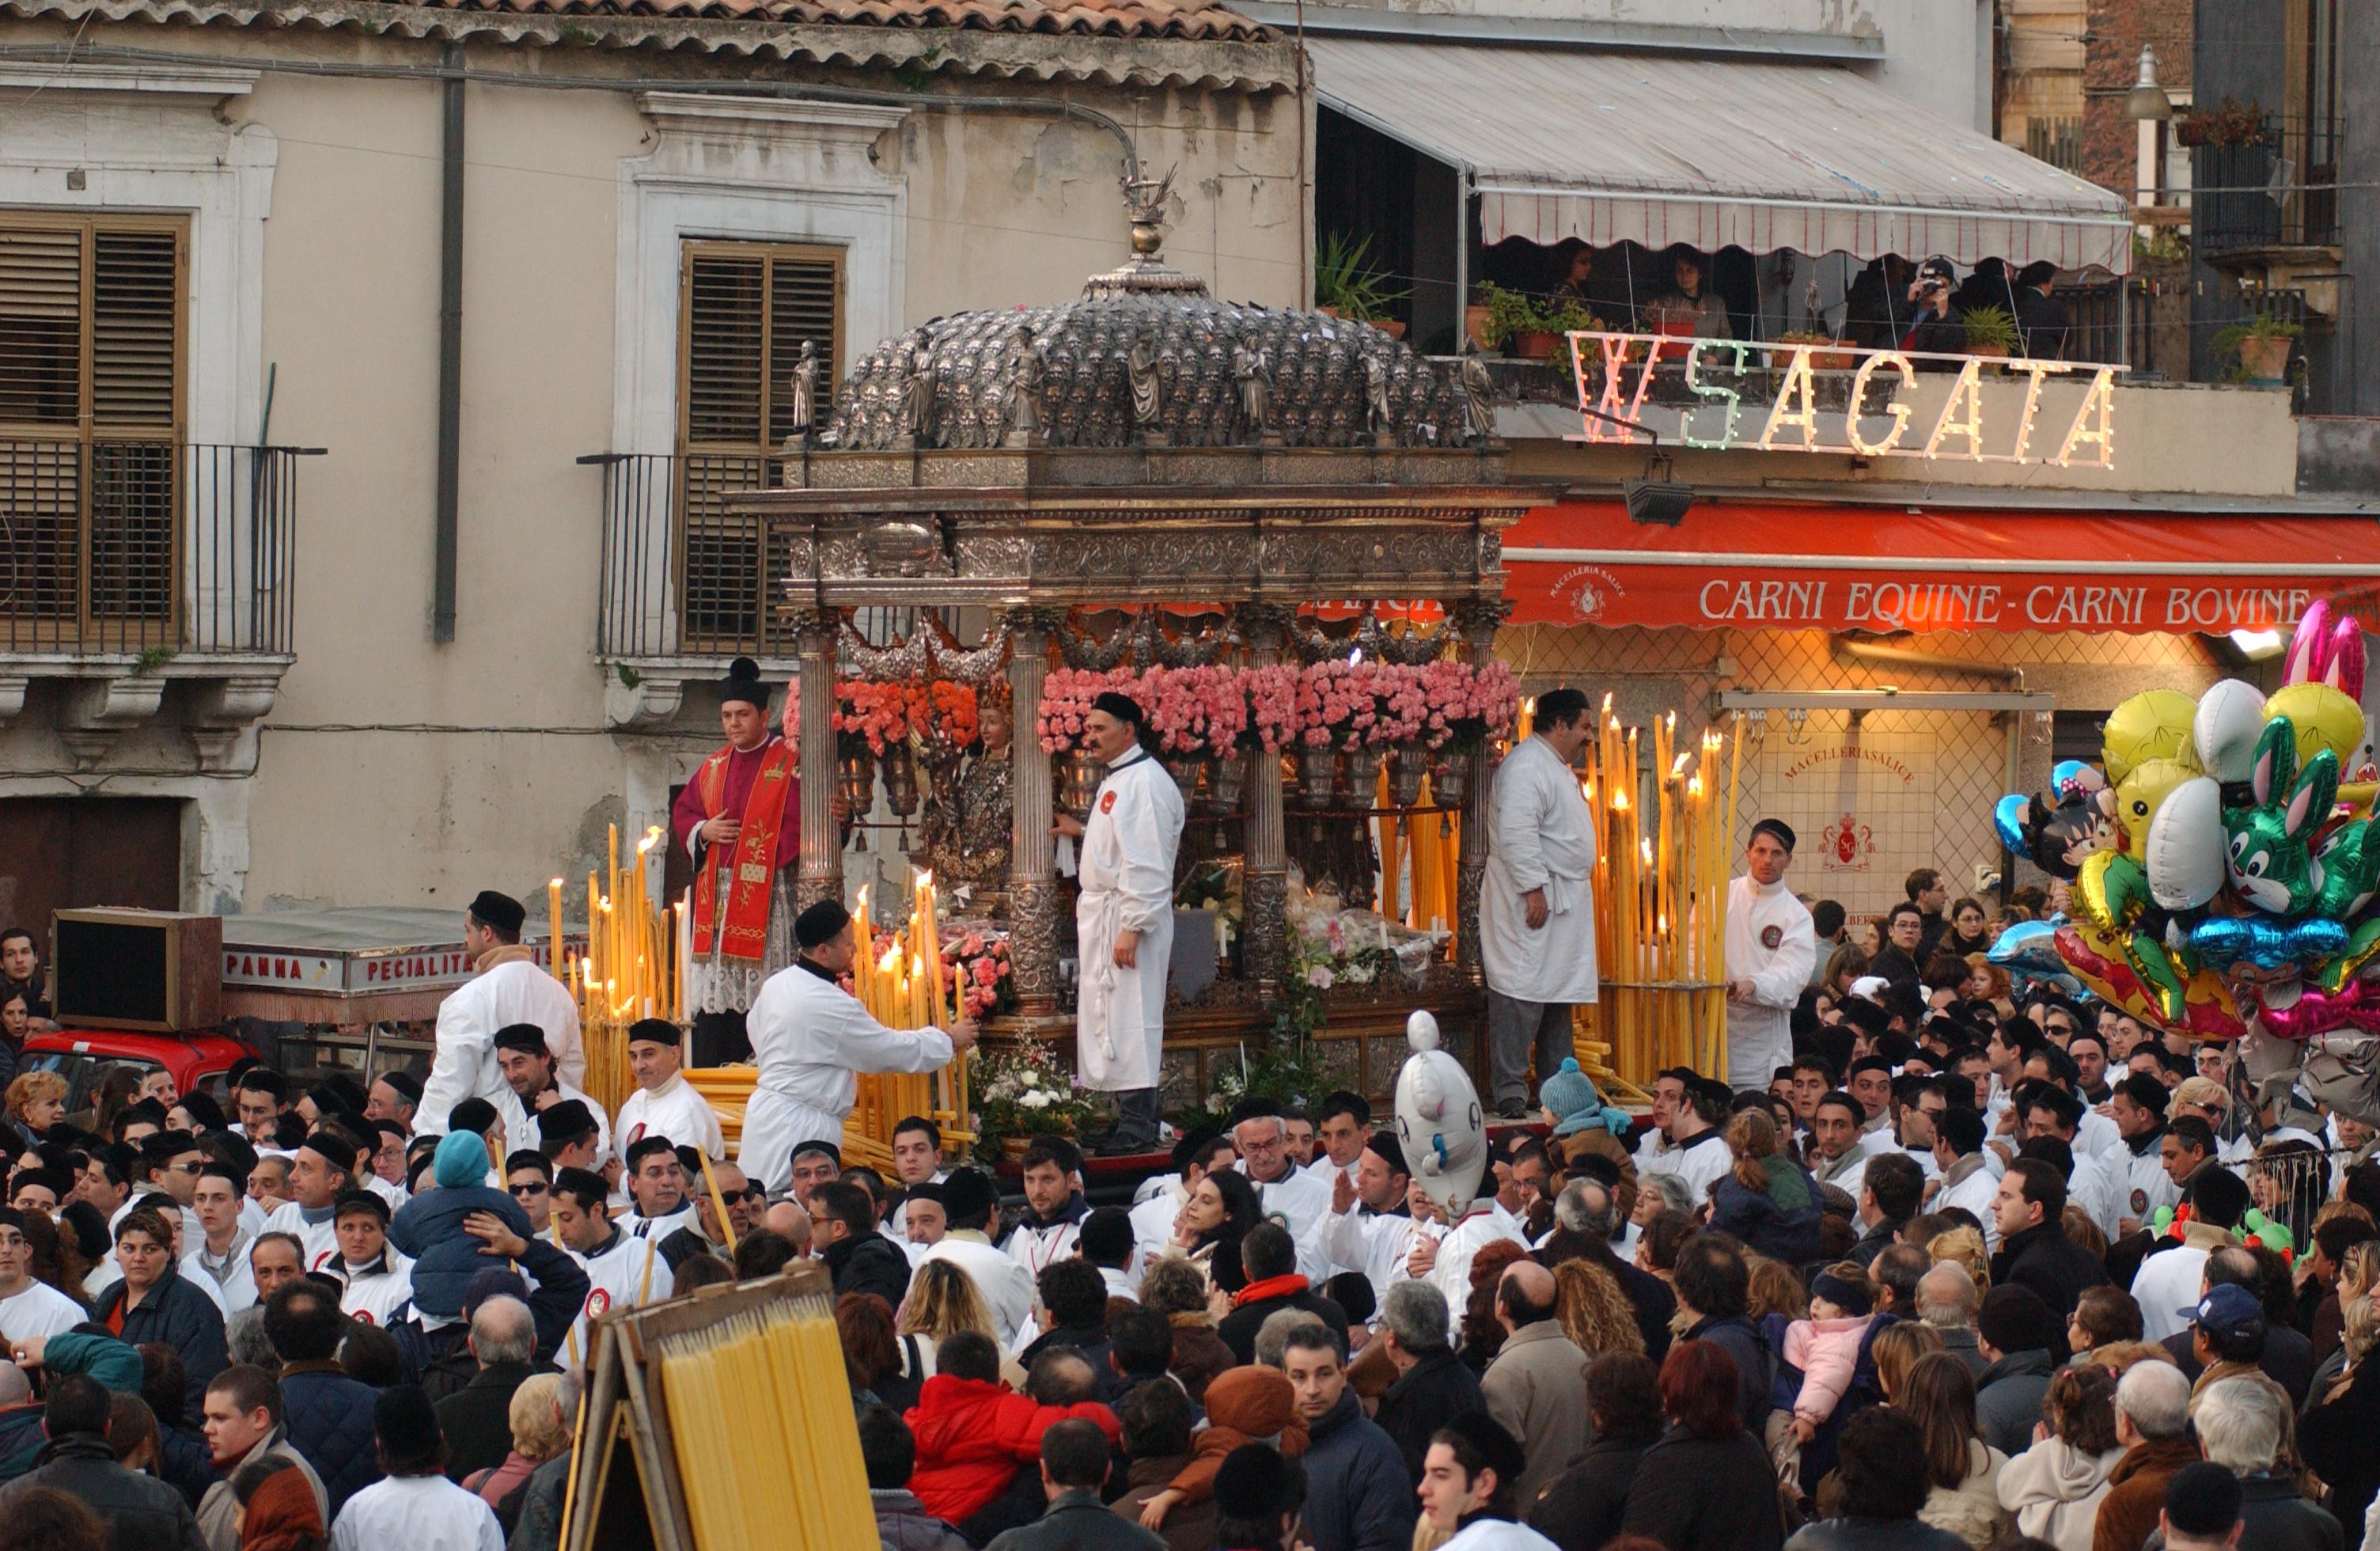 Catania_-_Fercolo_Festa_di_S__Agata_-__Foto_di_Francesco_Passante